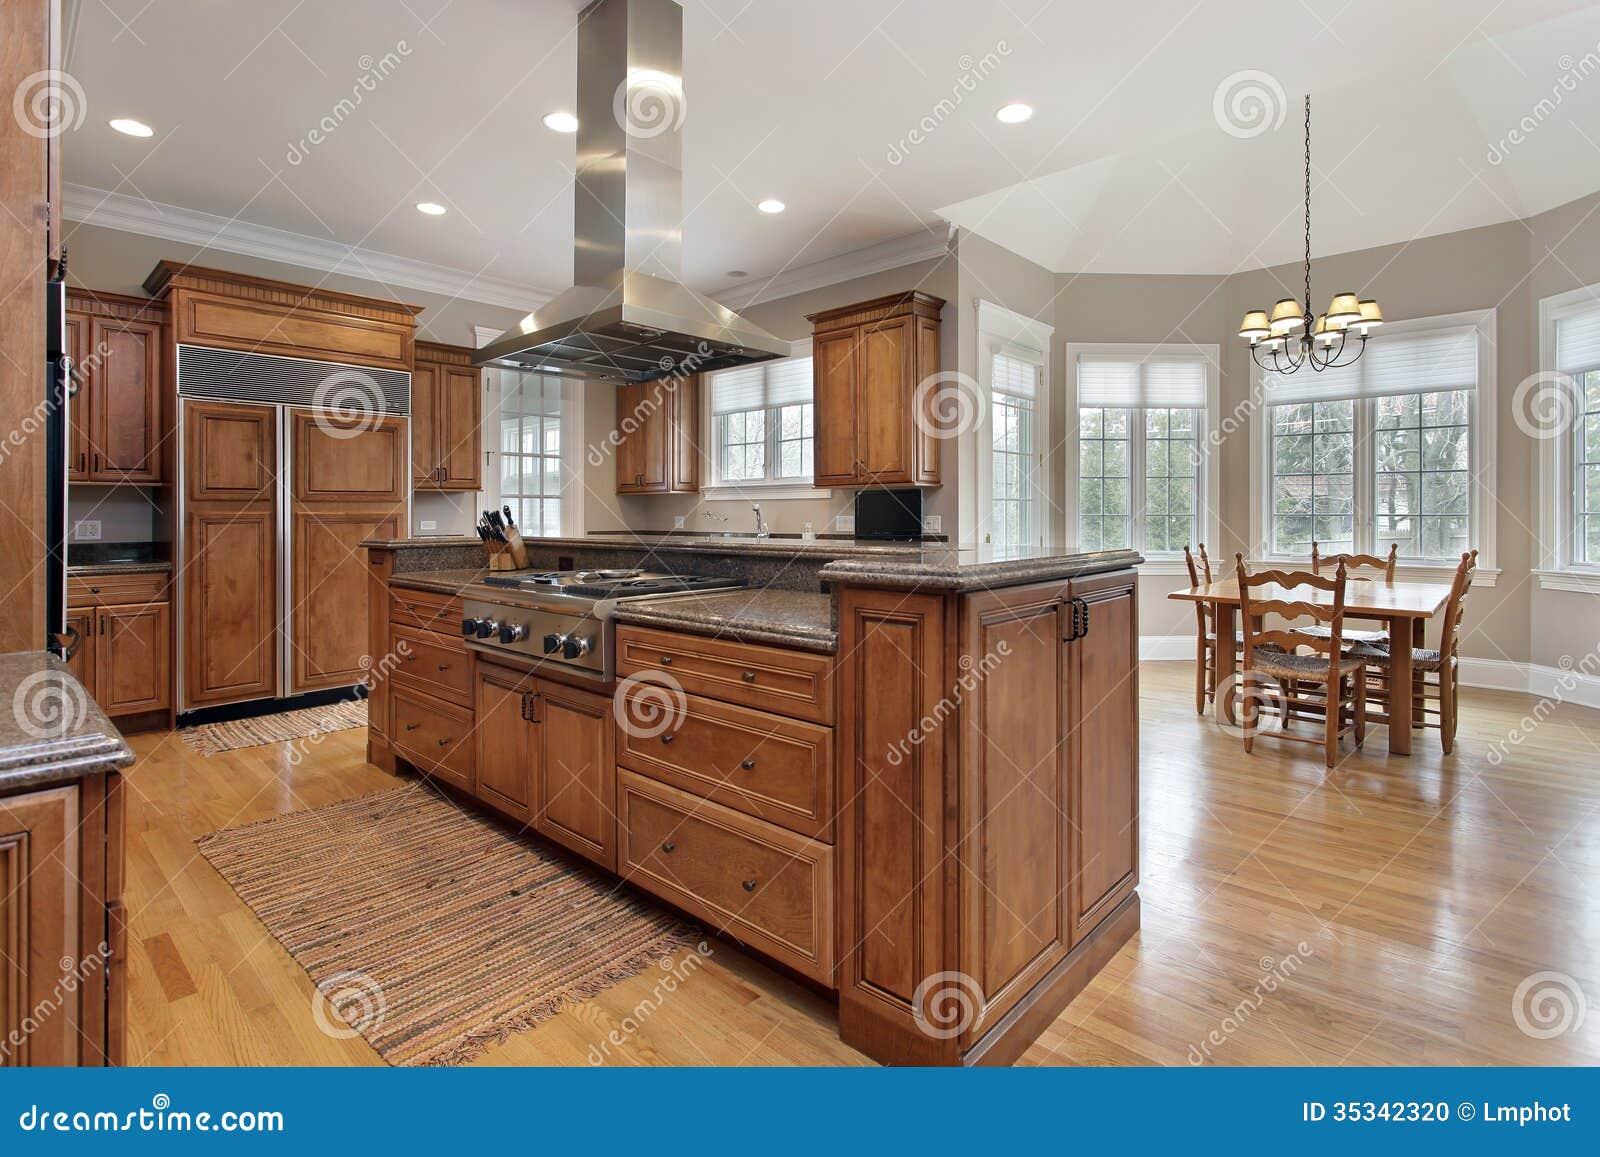 Cocina con la isla de centro de madera y del granito foto for Isla cocina madera